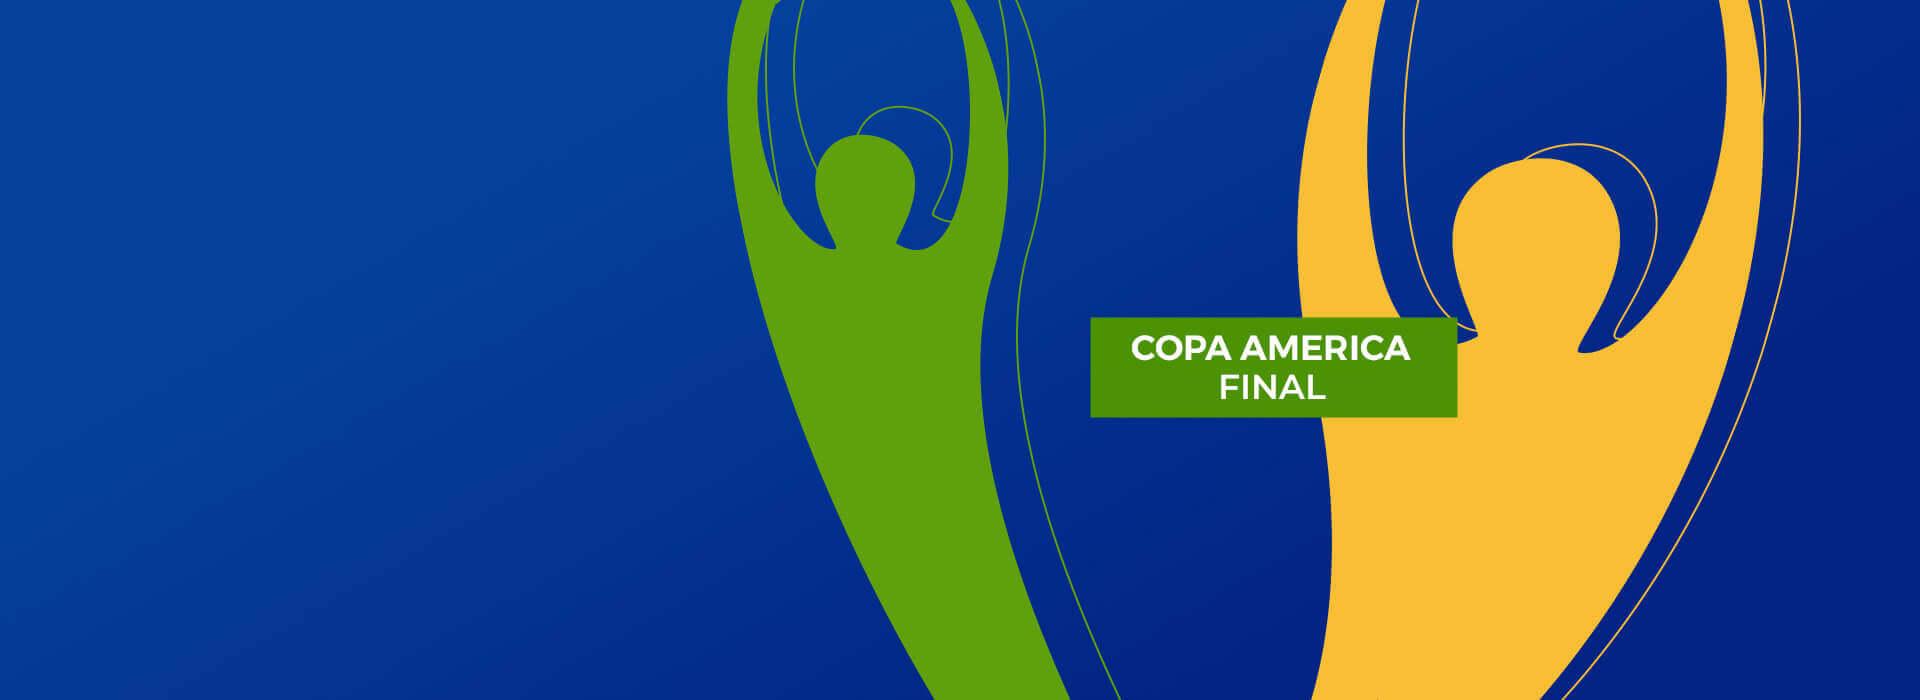 Brazil vs Peru: Copa América Final Betting Preview